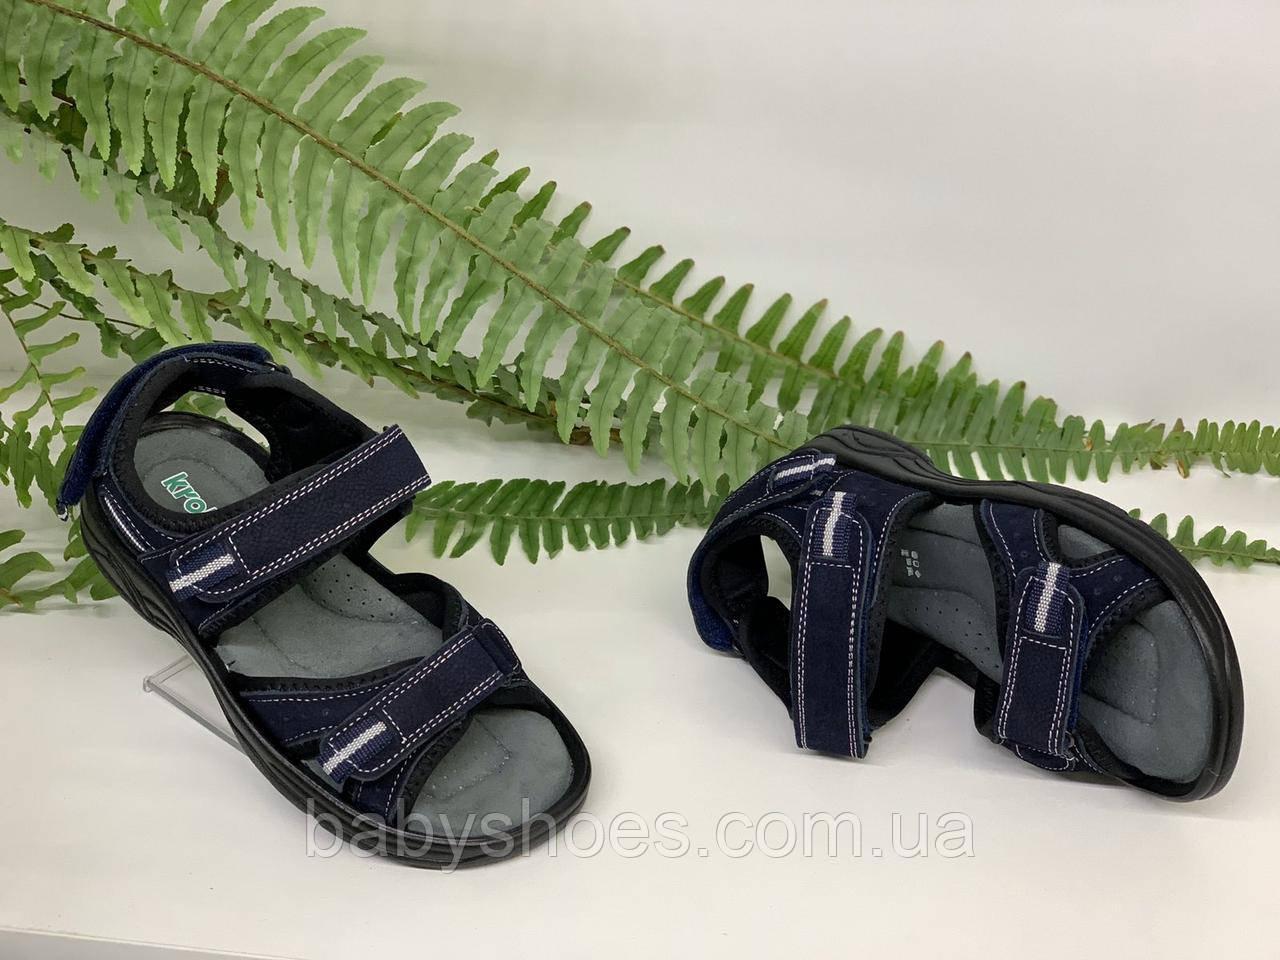 Кожаные босоножки, сандалии Krokky, Теурция р.31-35. Арт.7613012